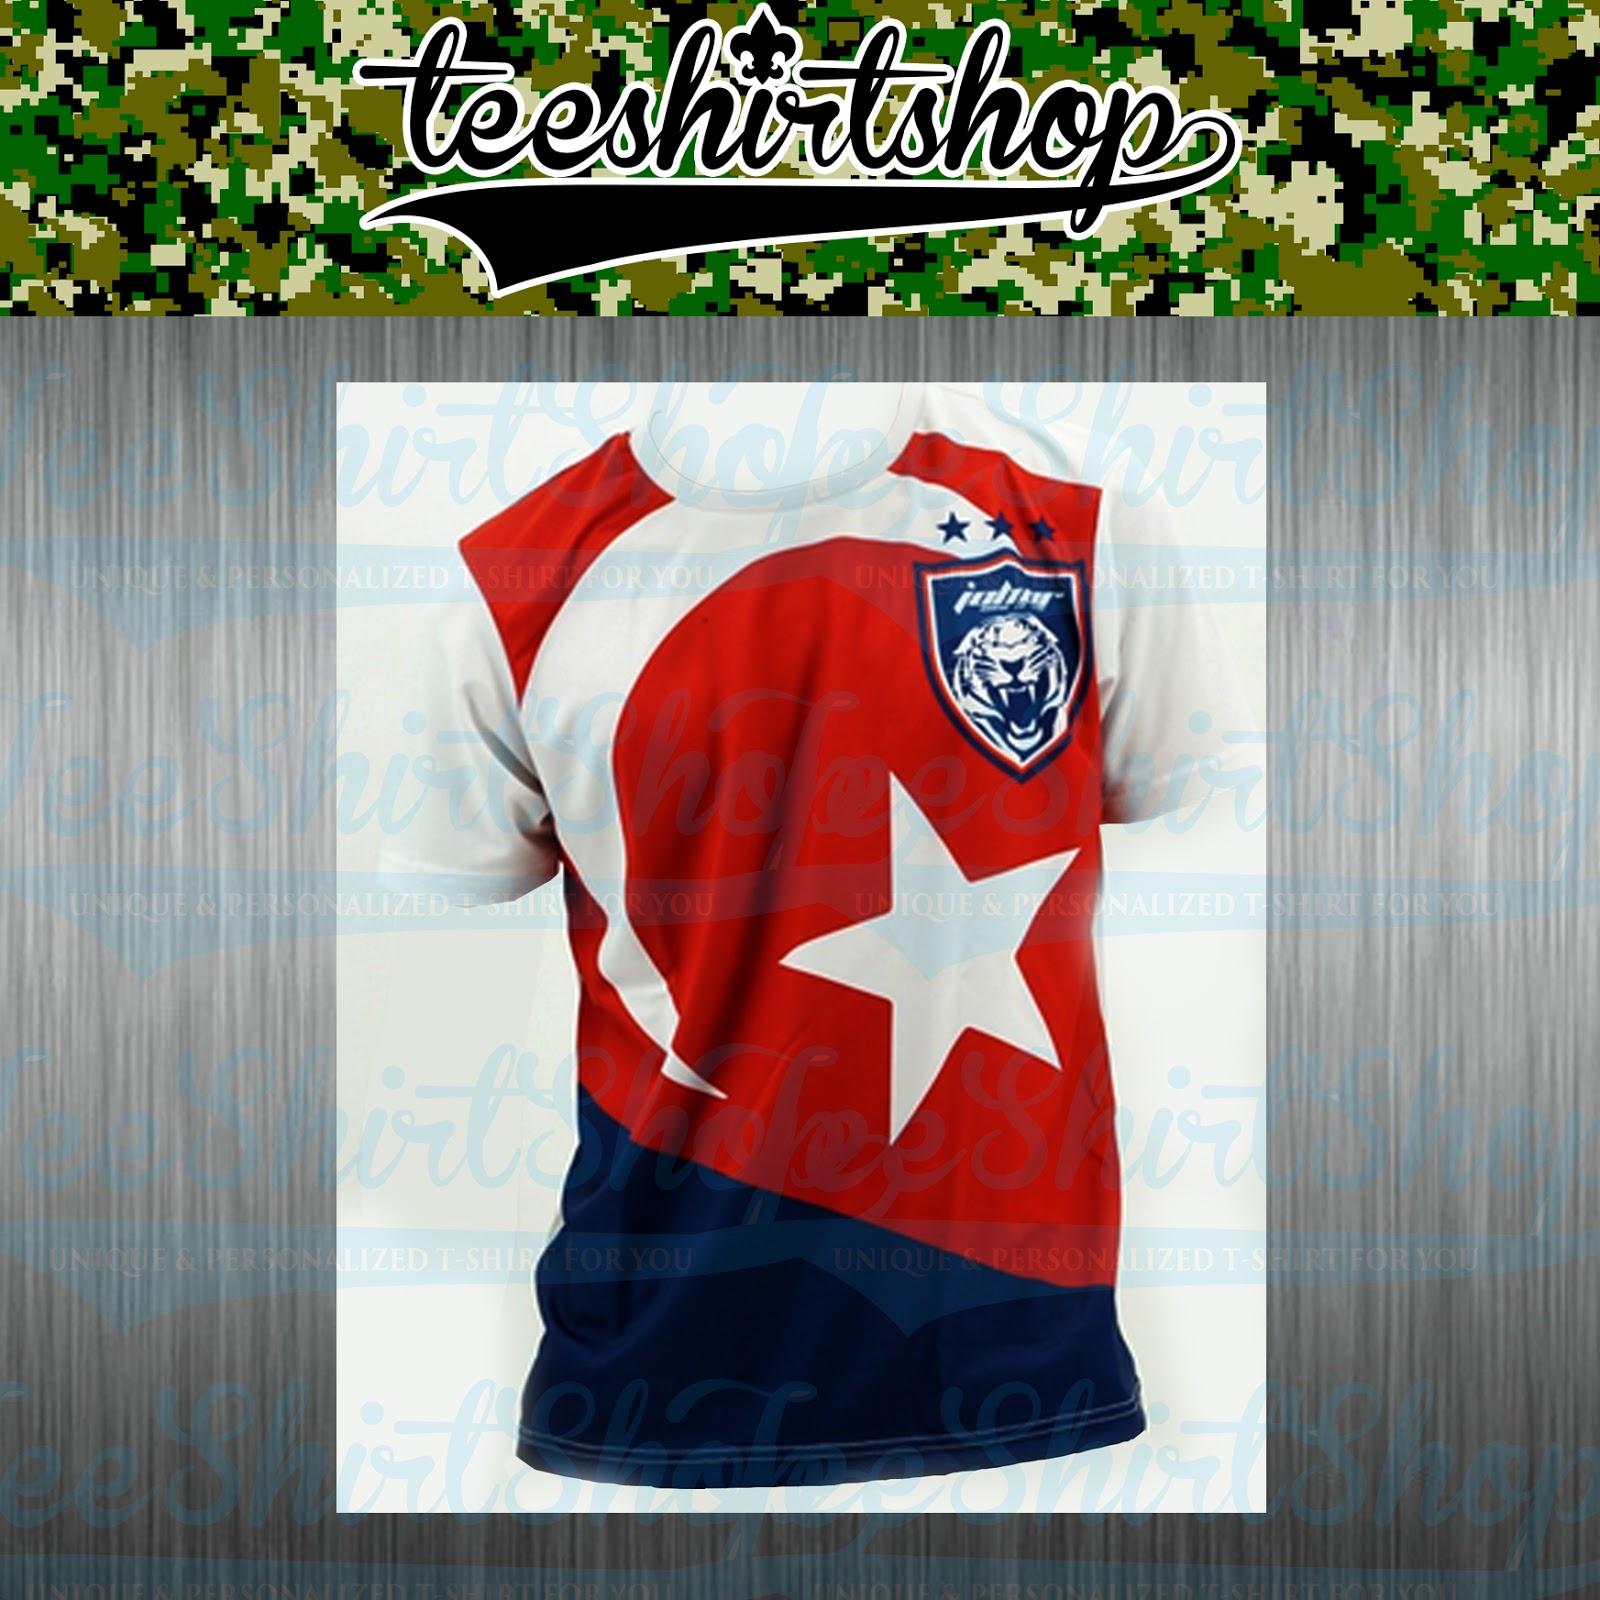 Design t shirt johor - Jdt Anak Johor